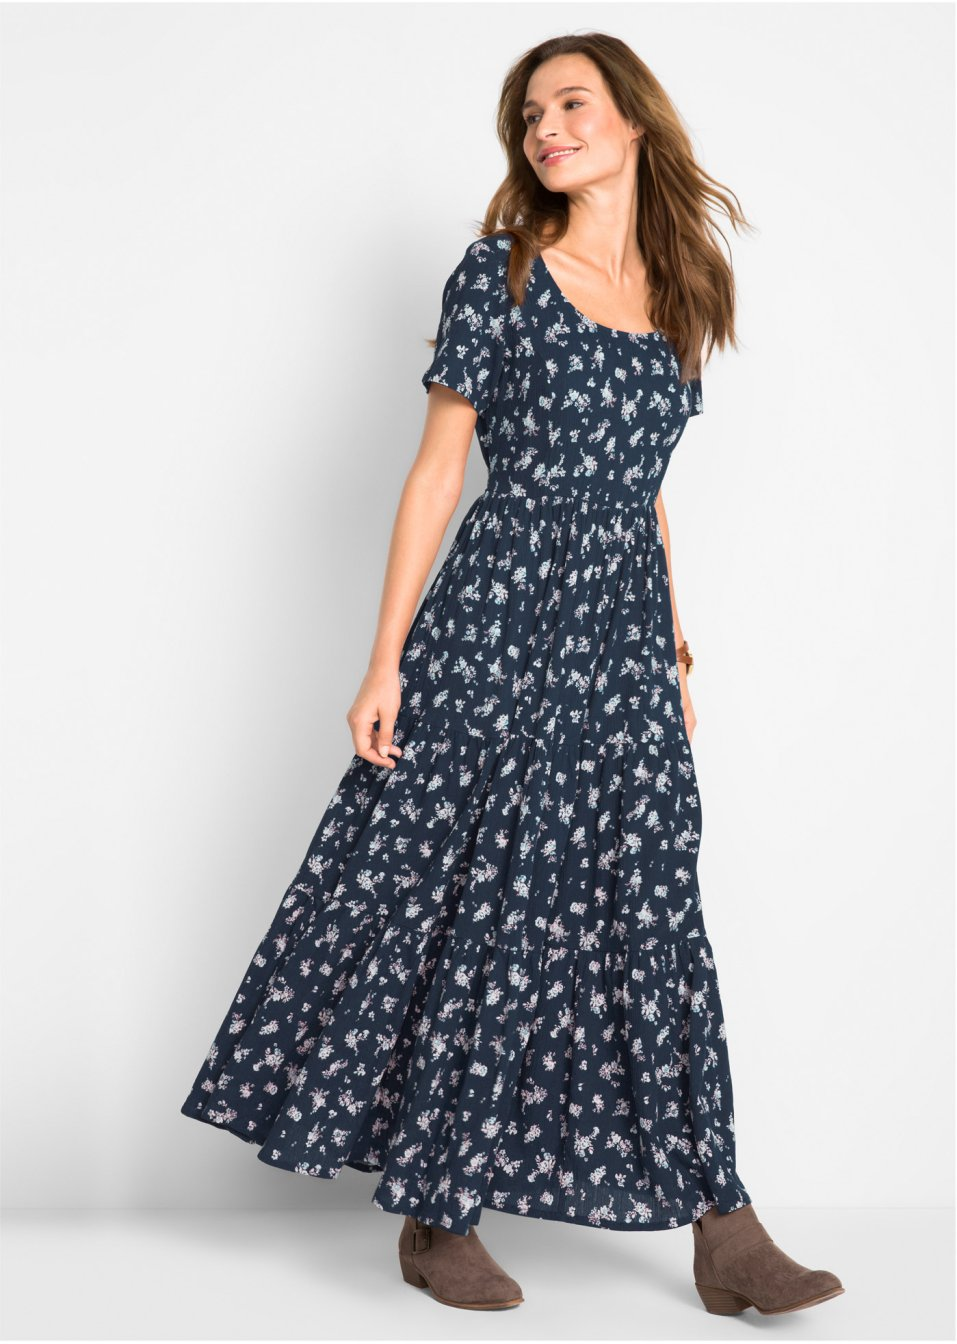 Langes Kleid mit Allover-Muster - dunkelblau geblümt